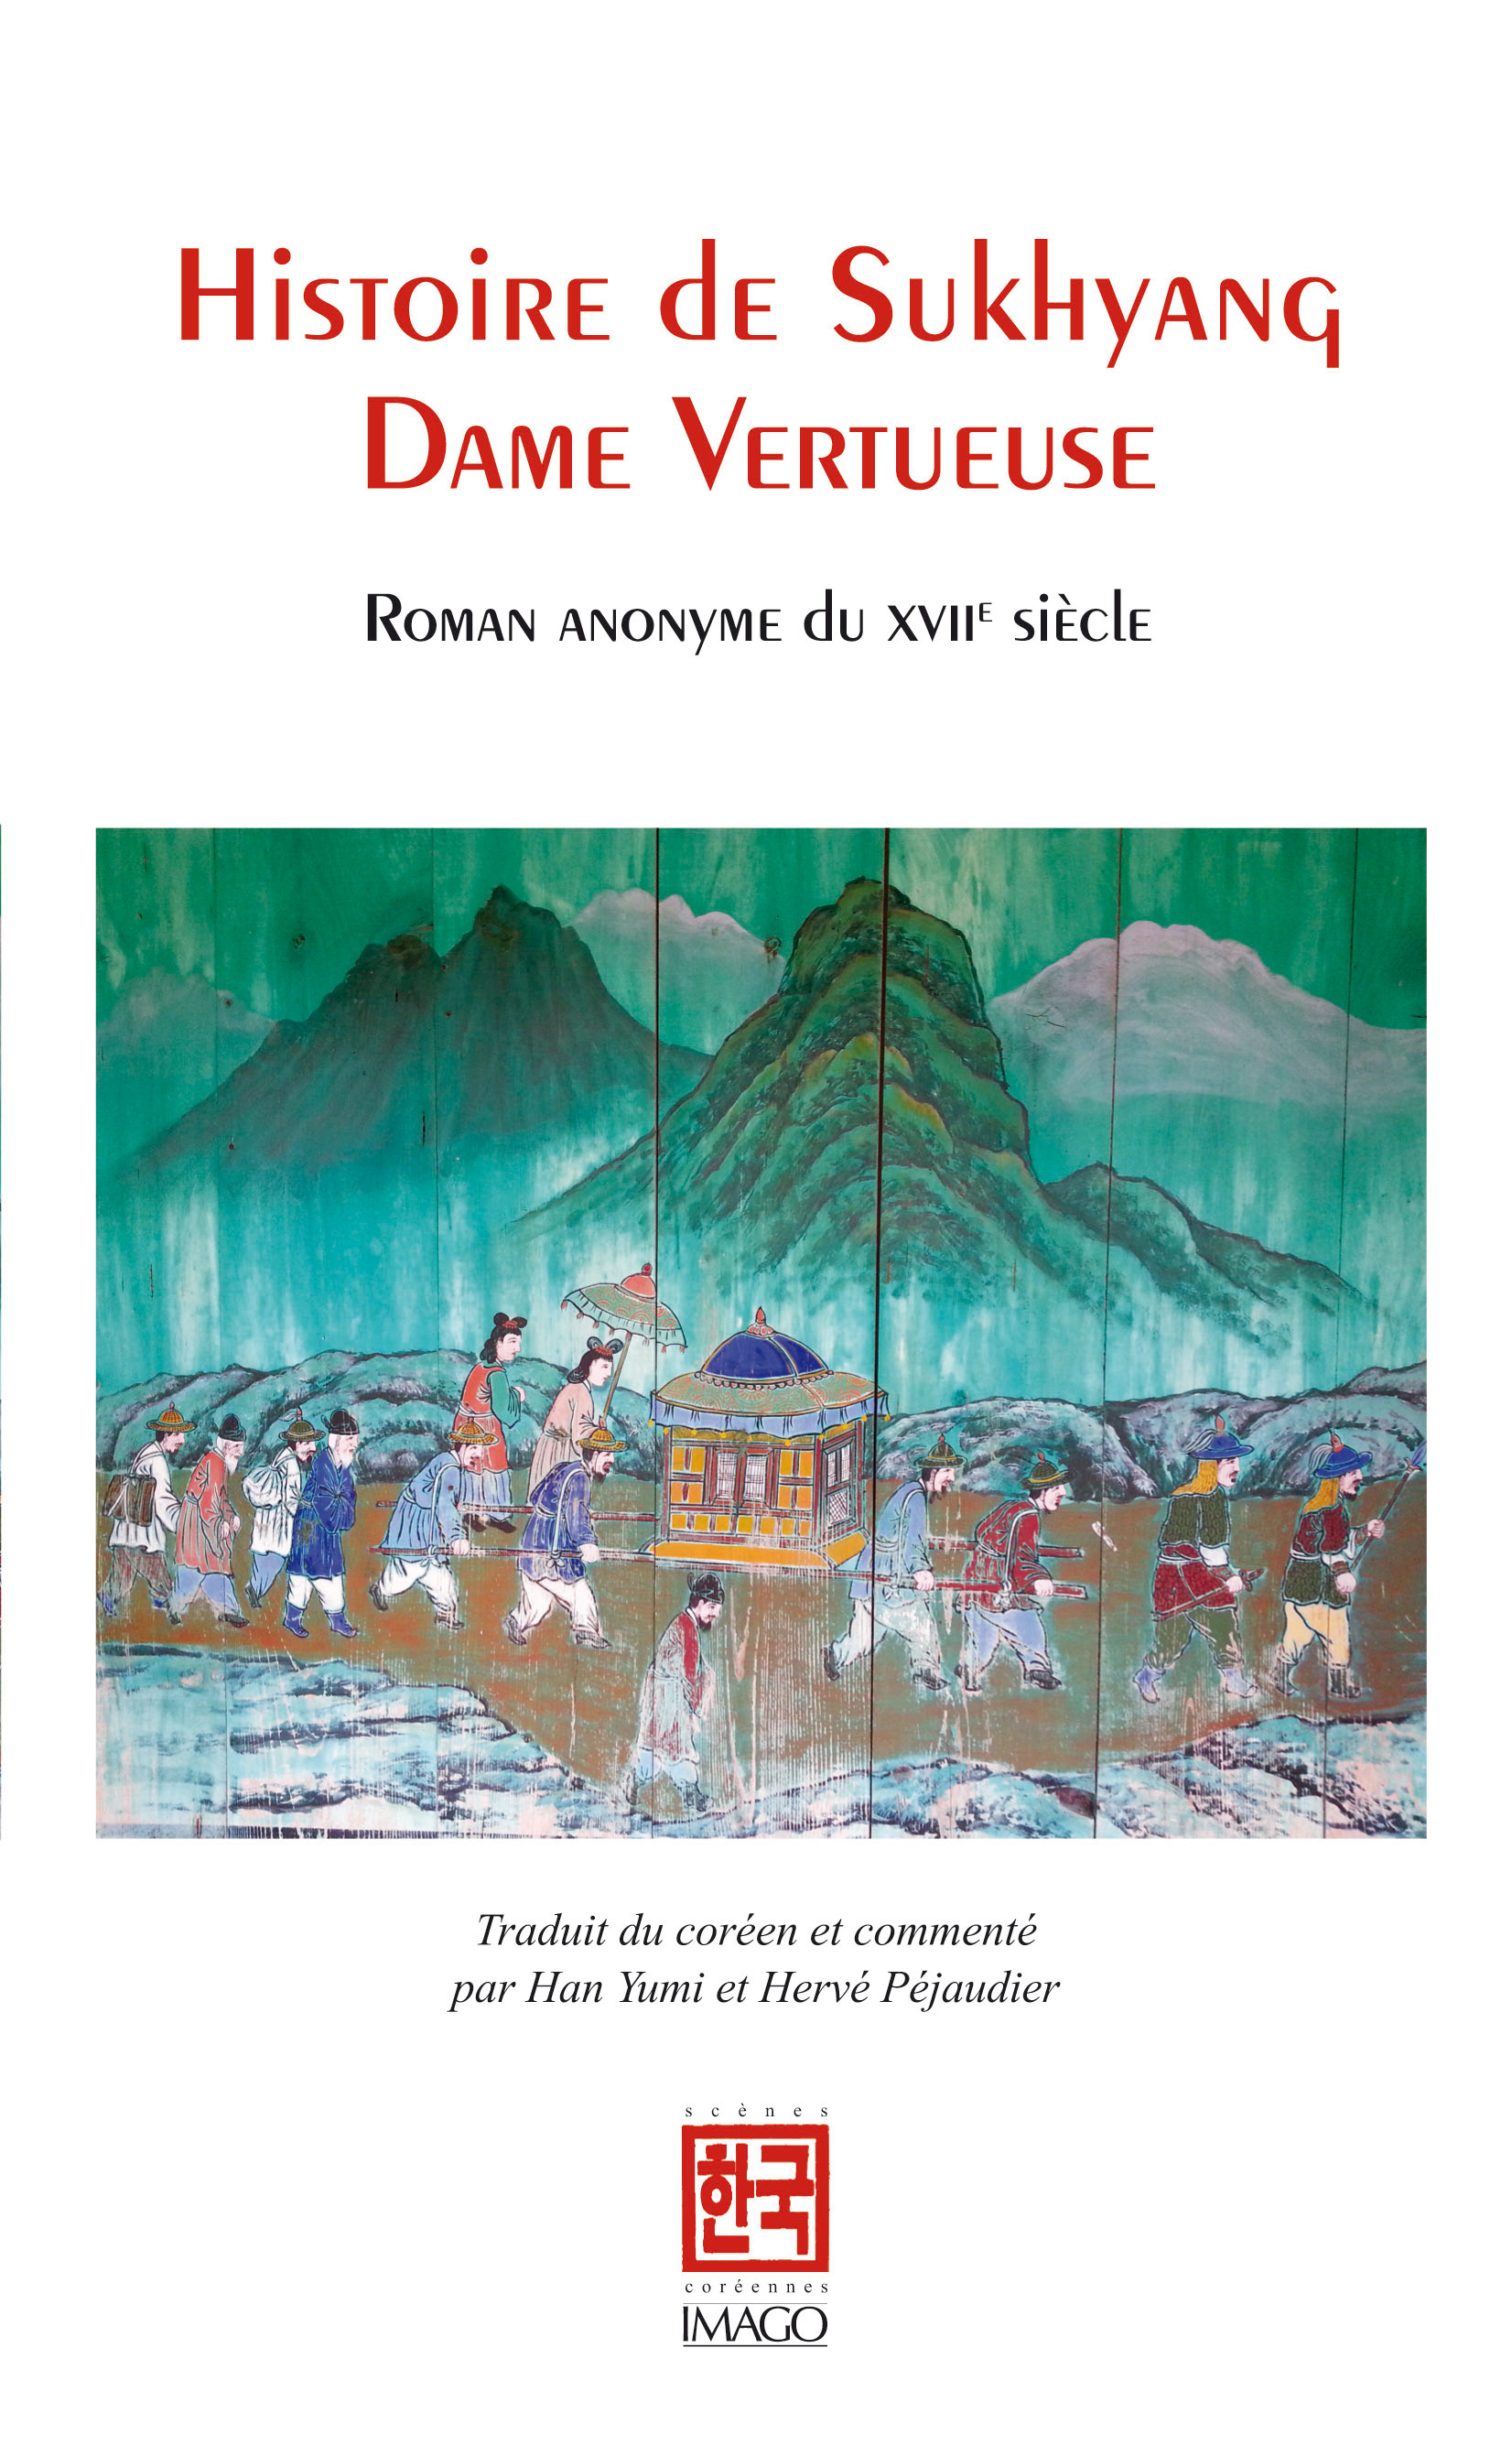 Histoire de Sukhyang, Dame vertueuse